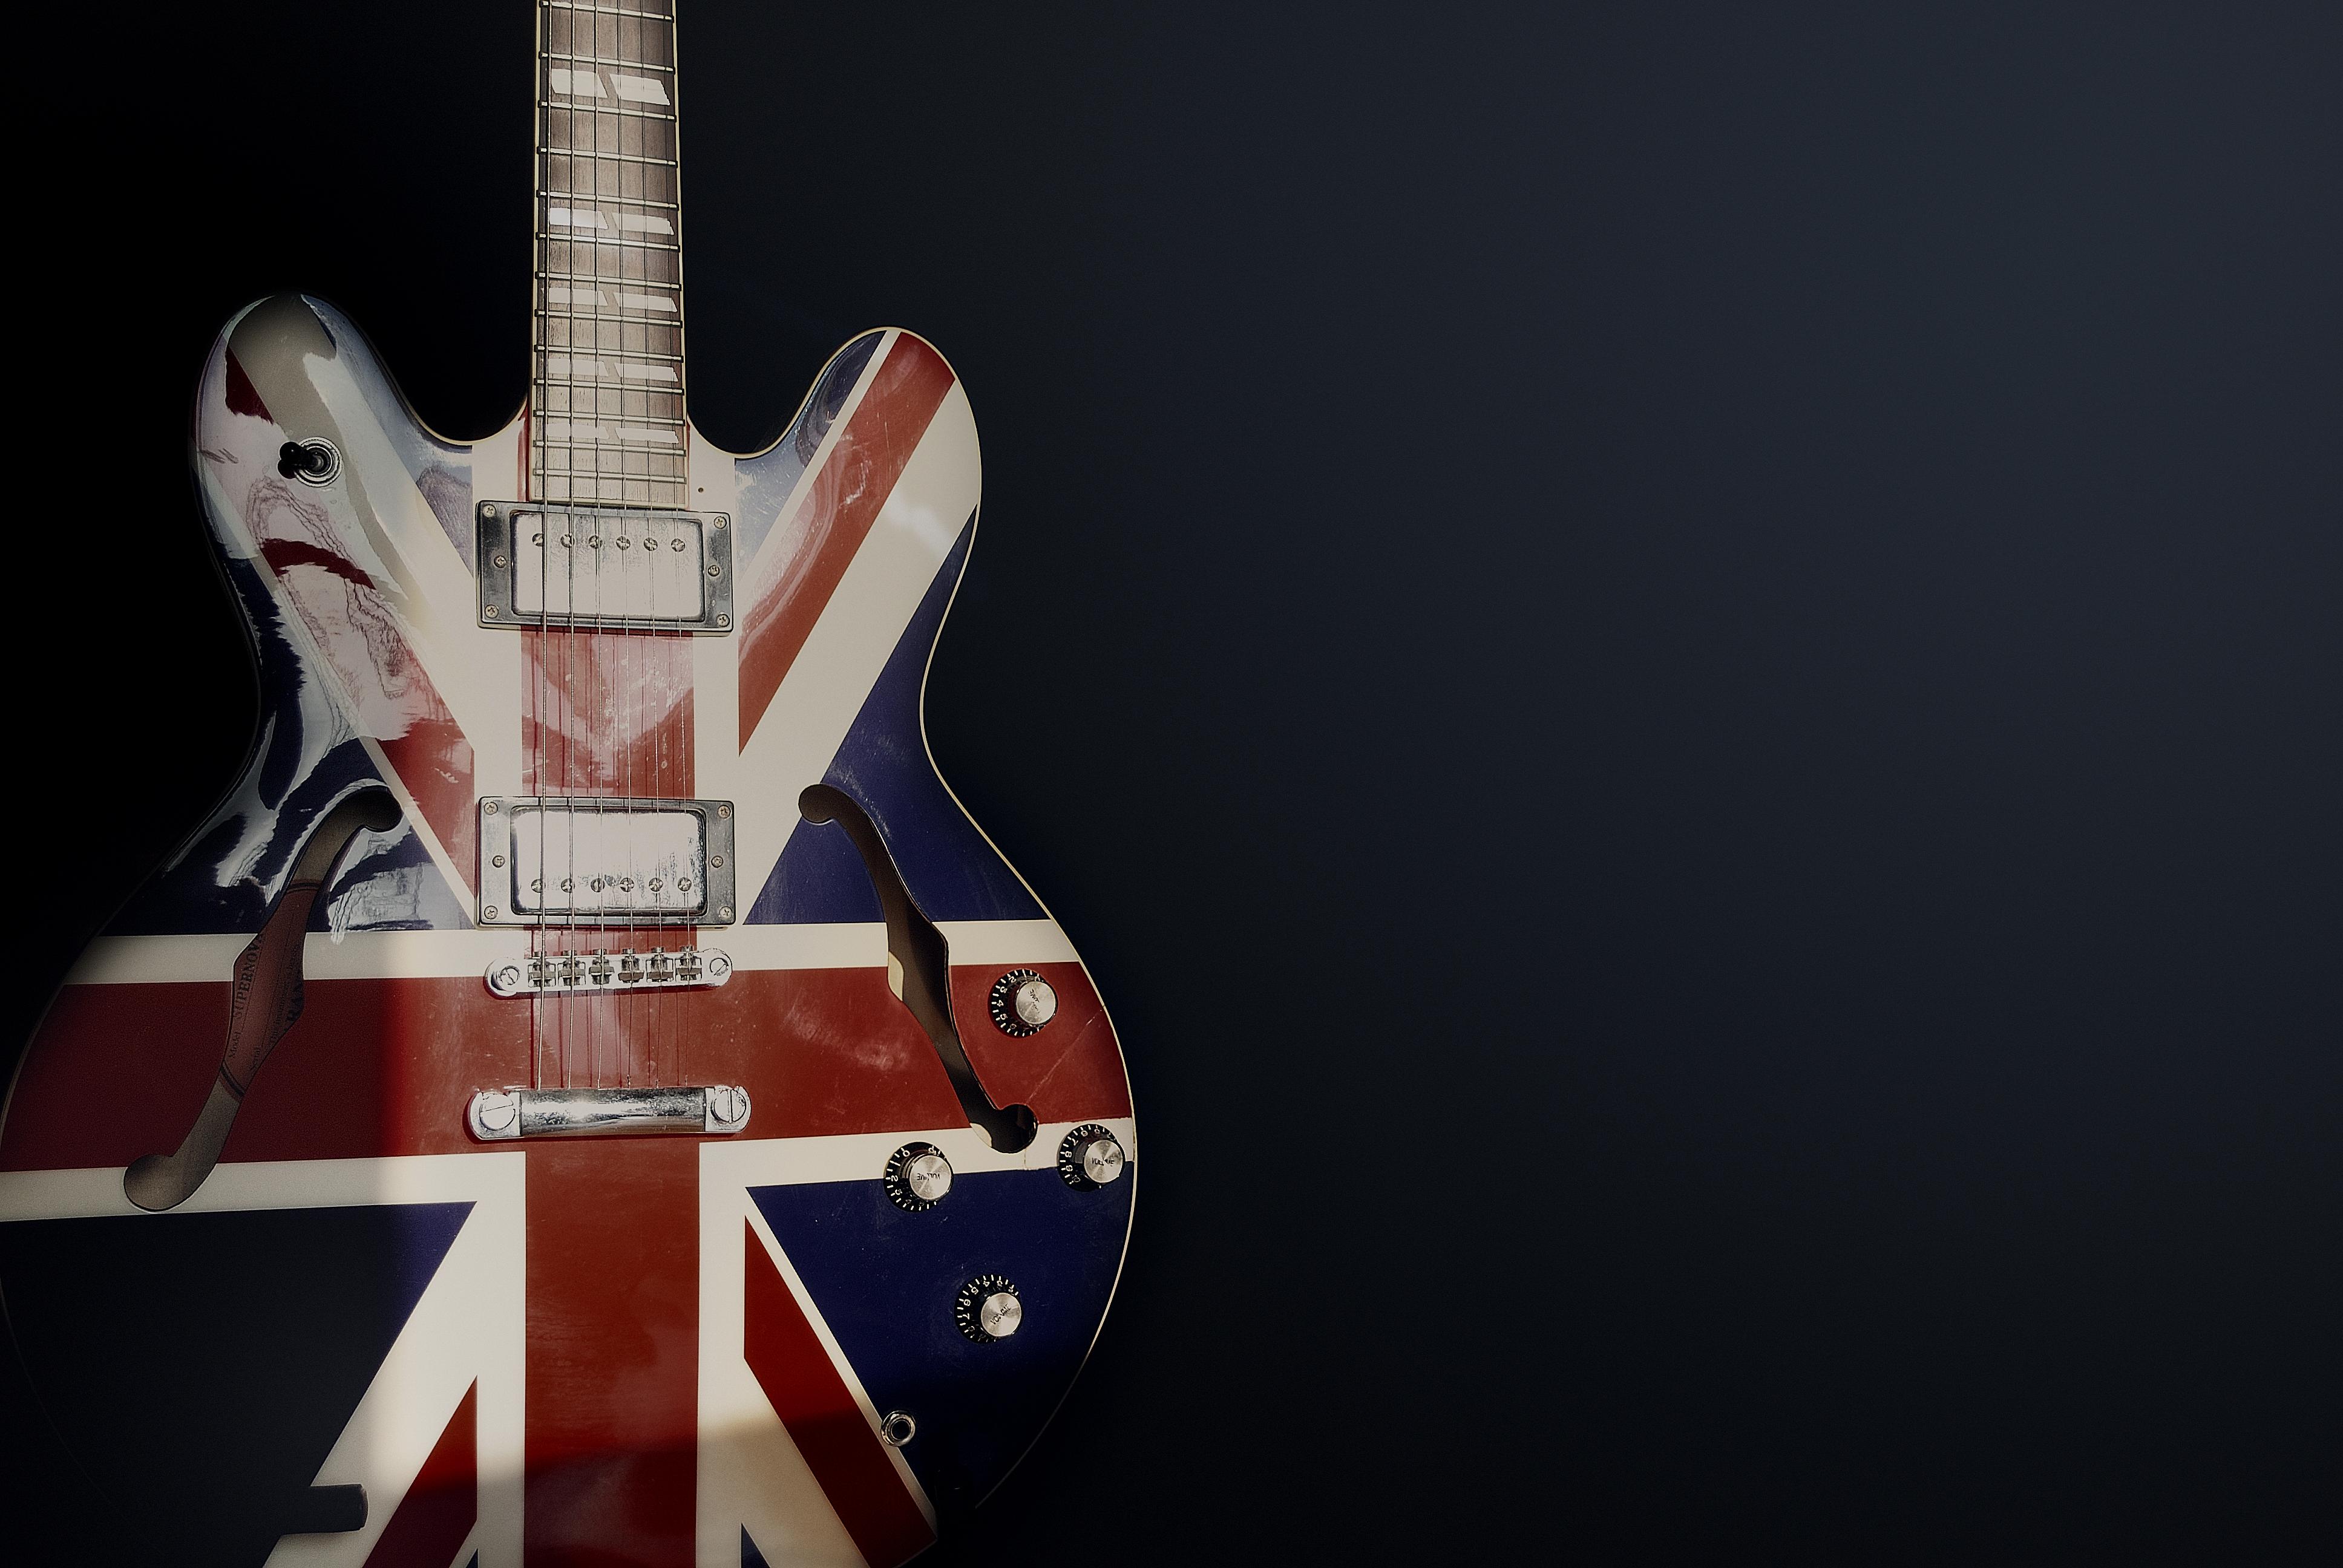 デスクトップ壁紙 岩 音楽 イギリス人 エレキギター 光 歌